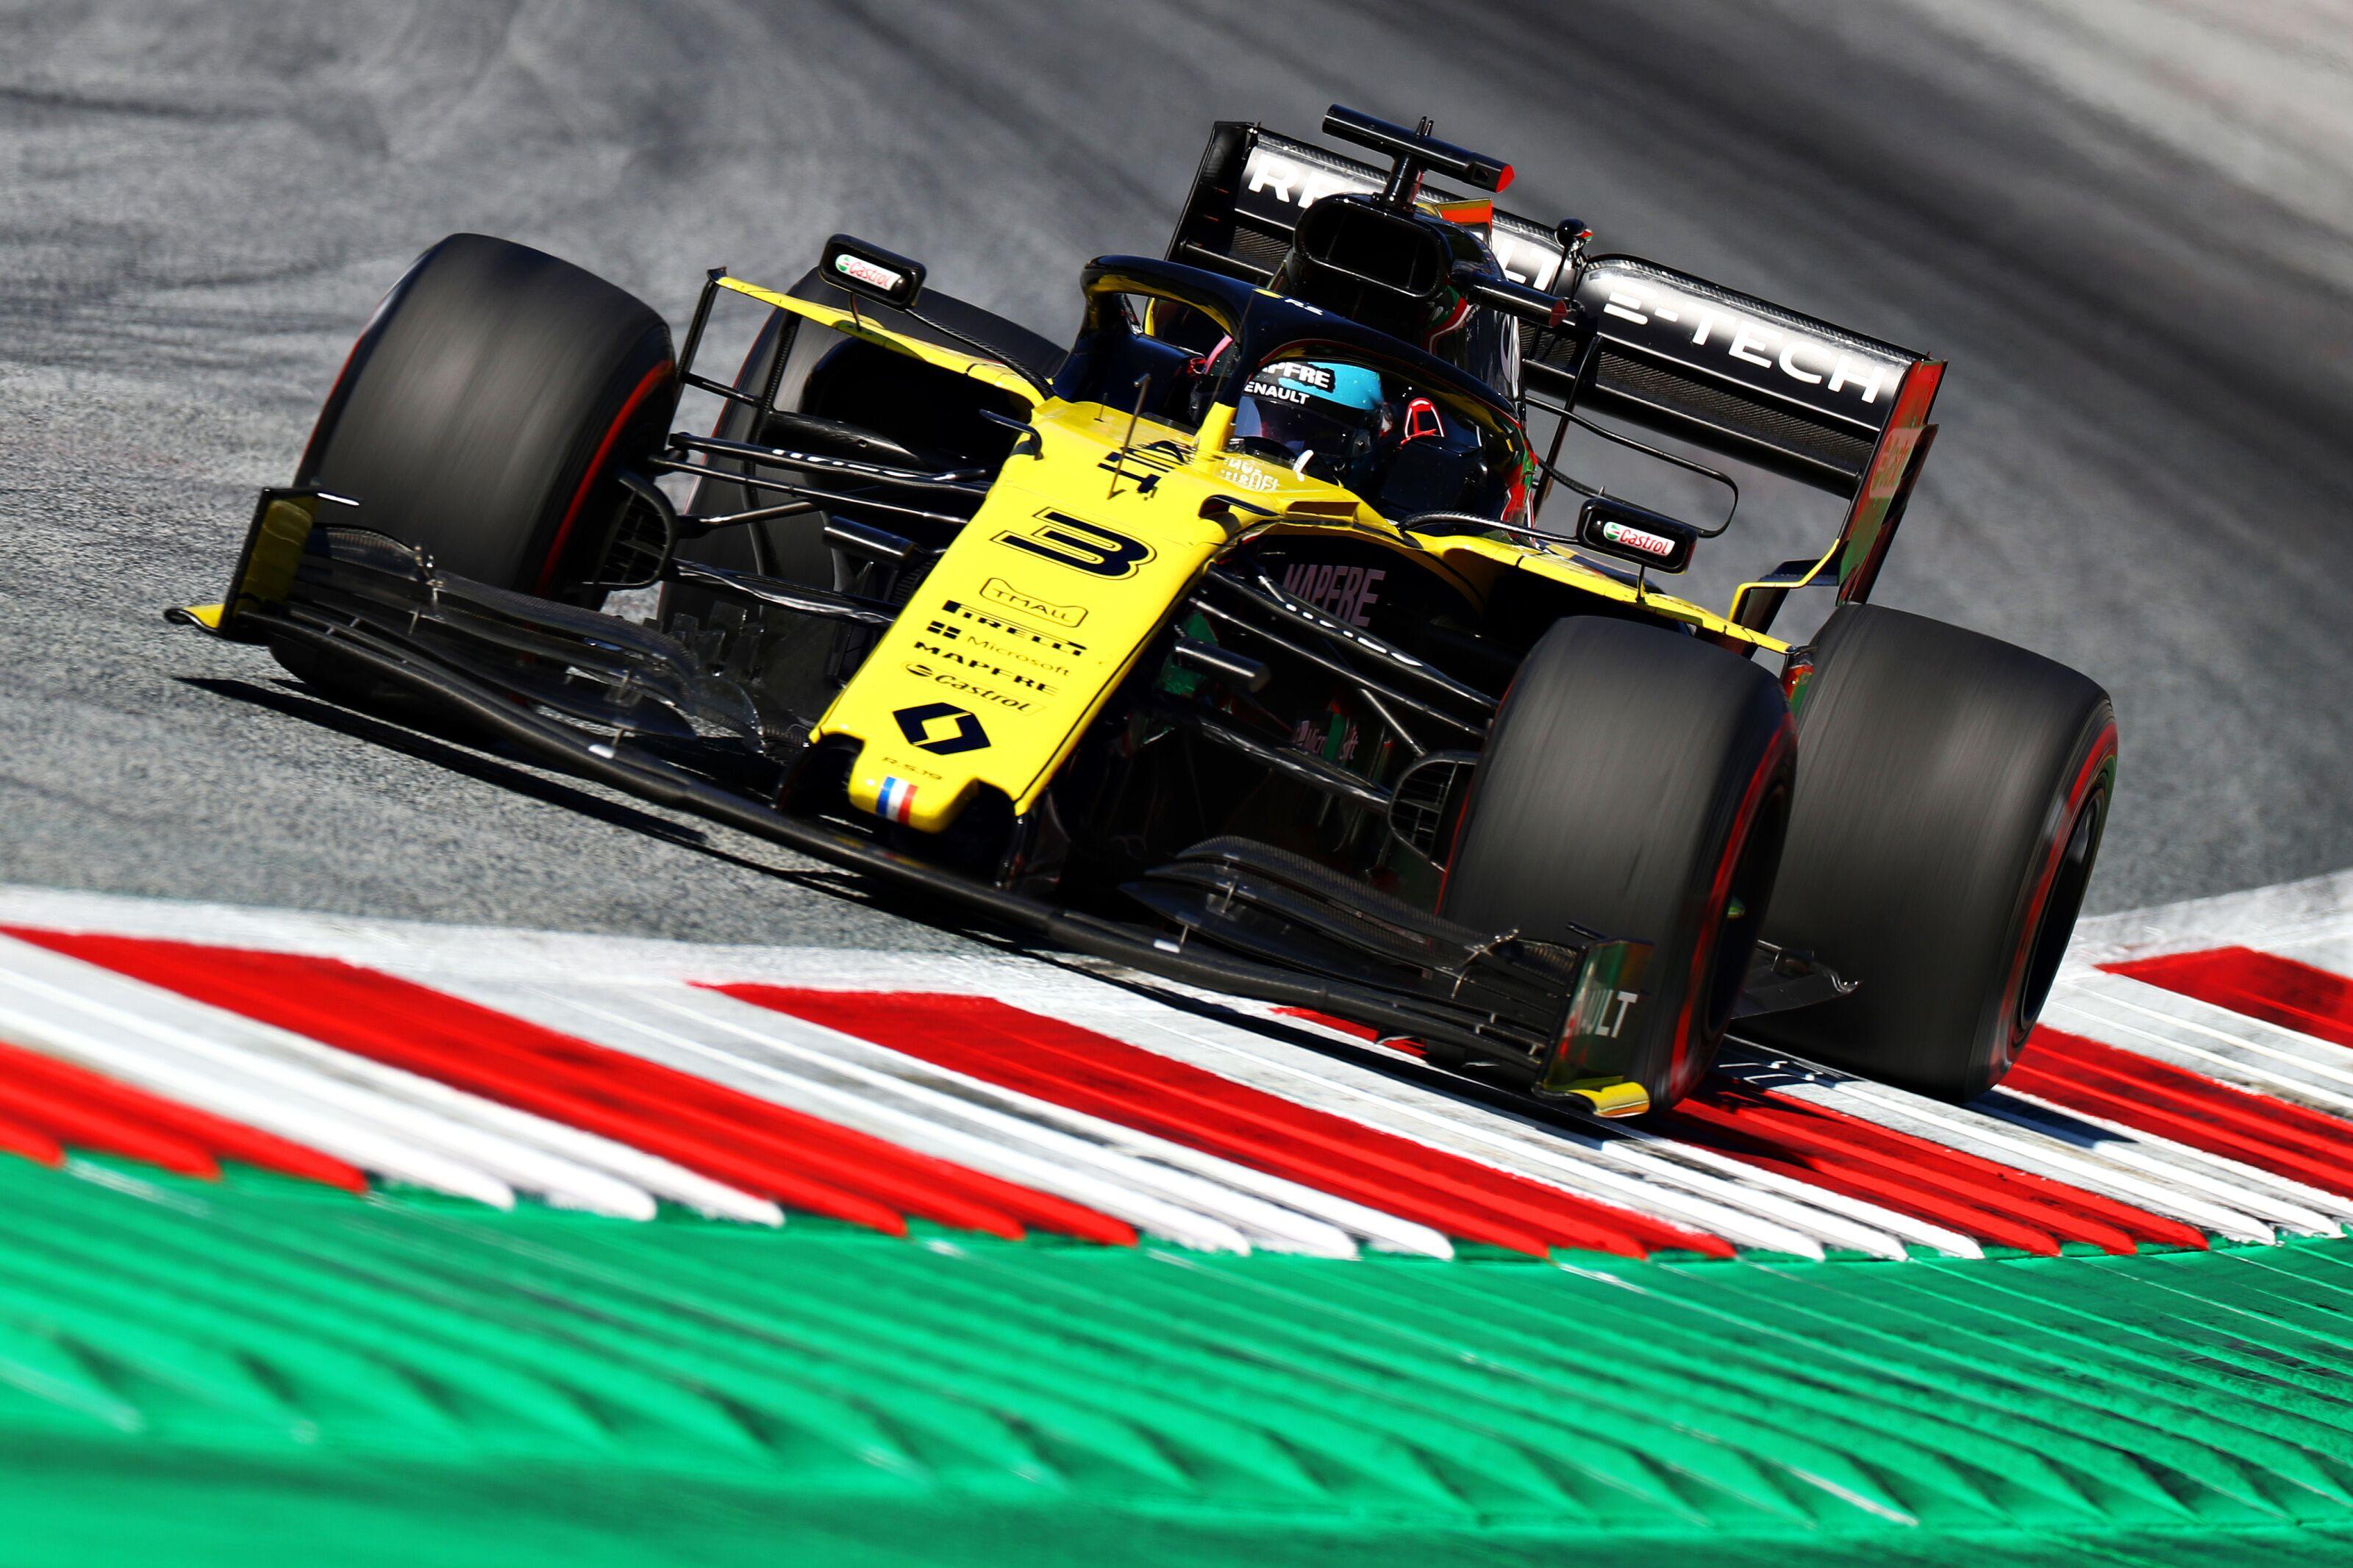 Formula 1: Daniel Ricciardo regretting Red Bull Racing departure?